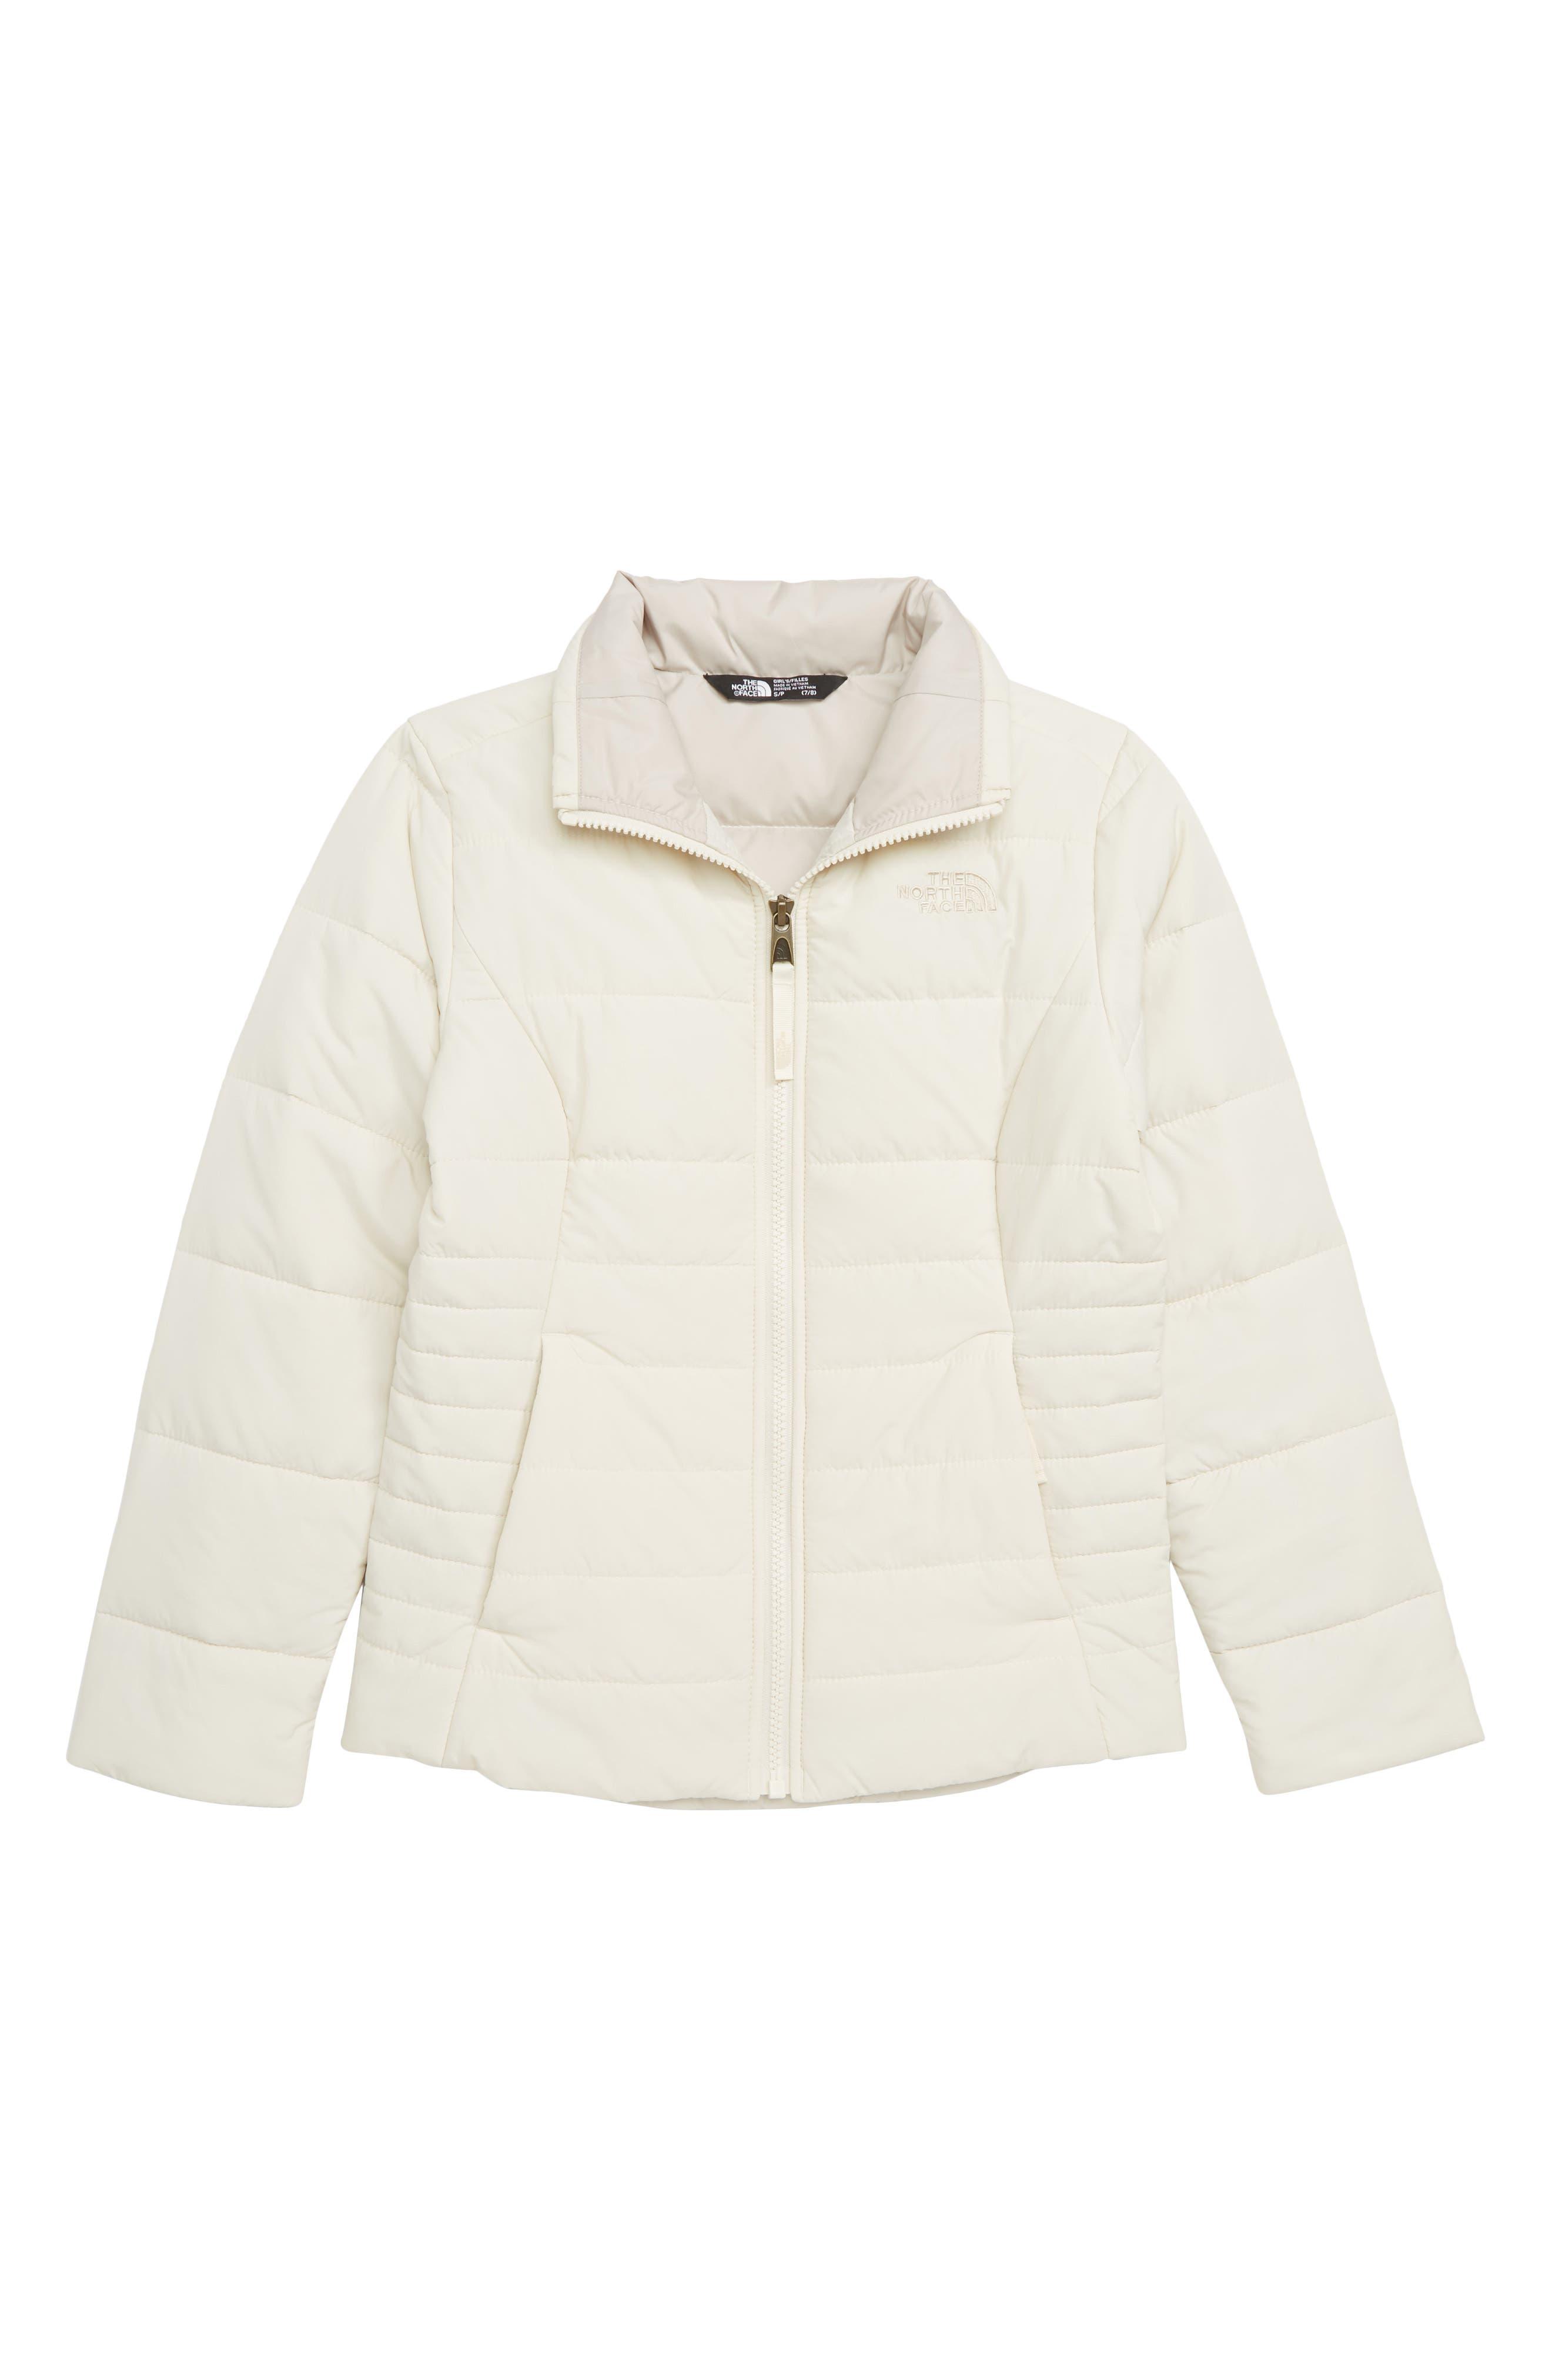 Harway Heatseeker<sup>™</sup>Water-Resistant Jacket,                             Main thumbnail 1, color,                             VINTAGE WHITE